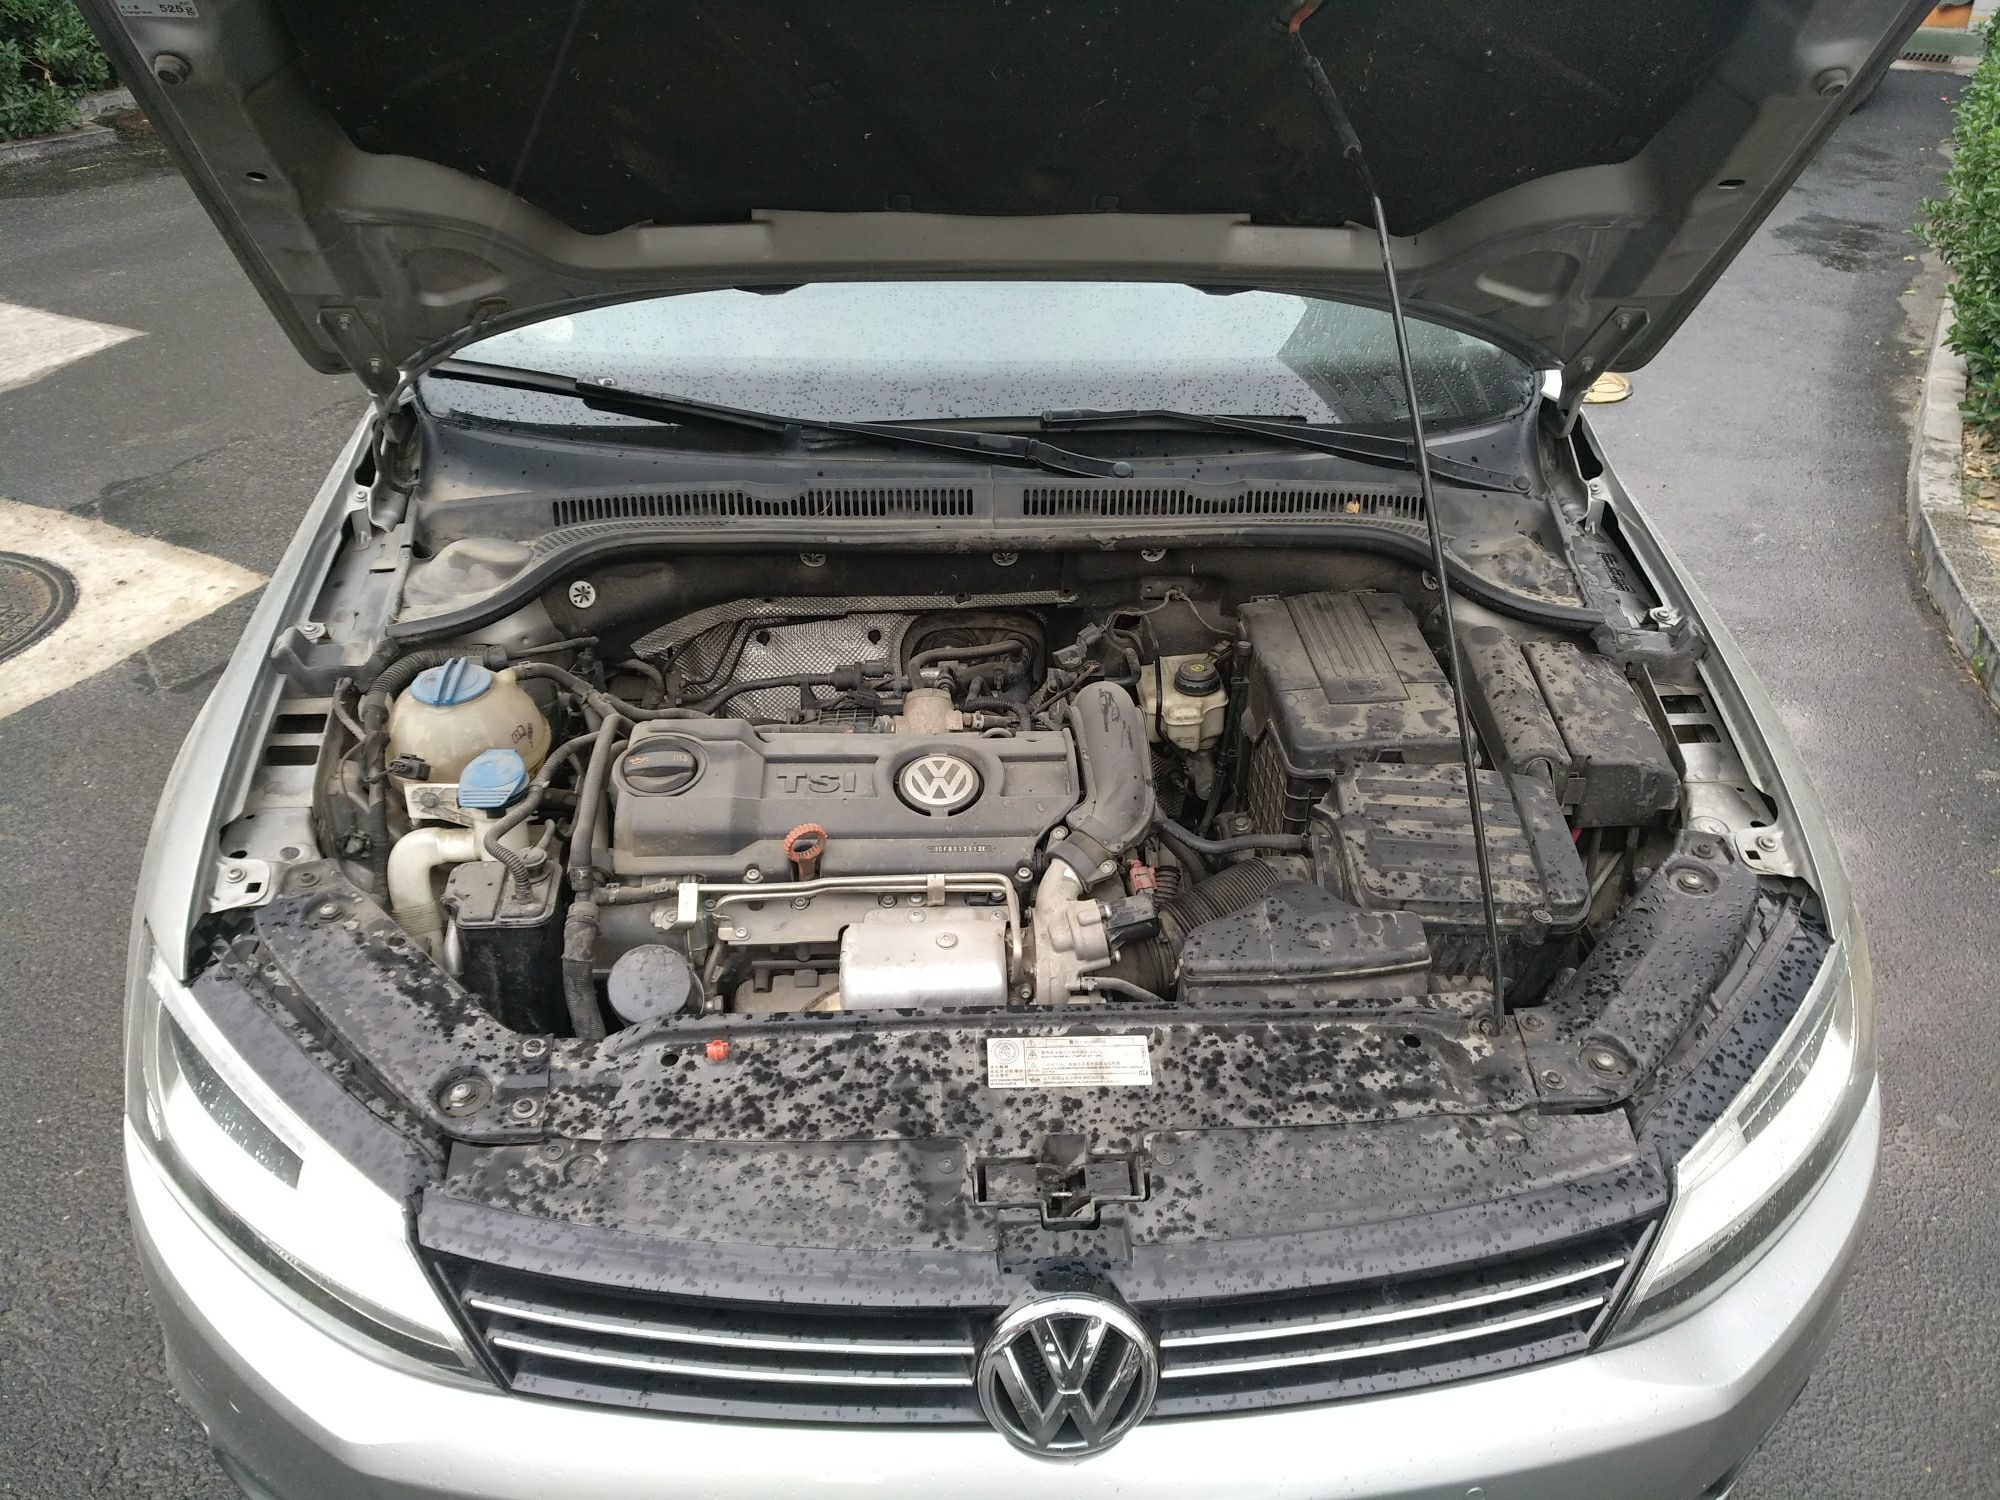 大众速腾 2012  冷凝器异常一般由于车头轻微碰撞或部件老化导致,维修